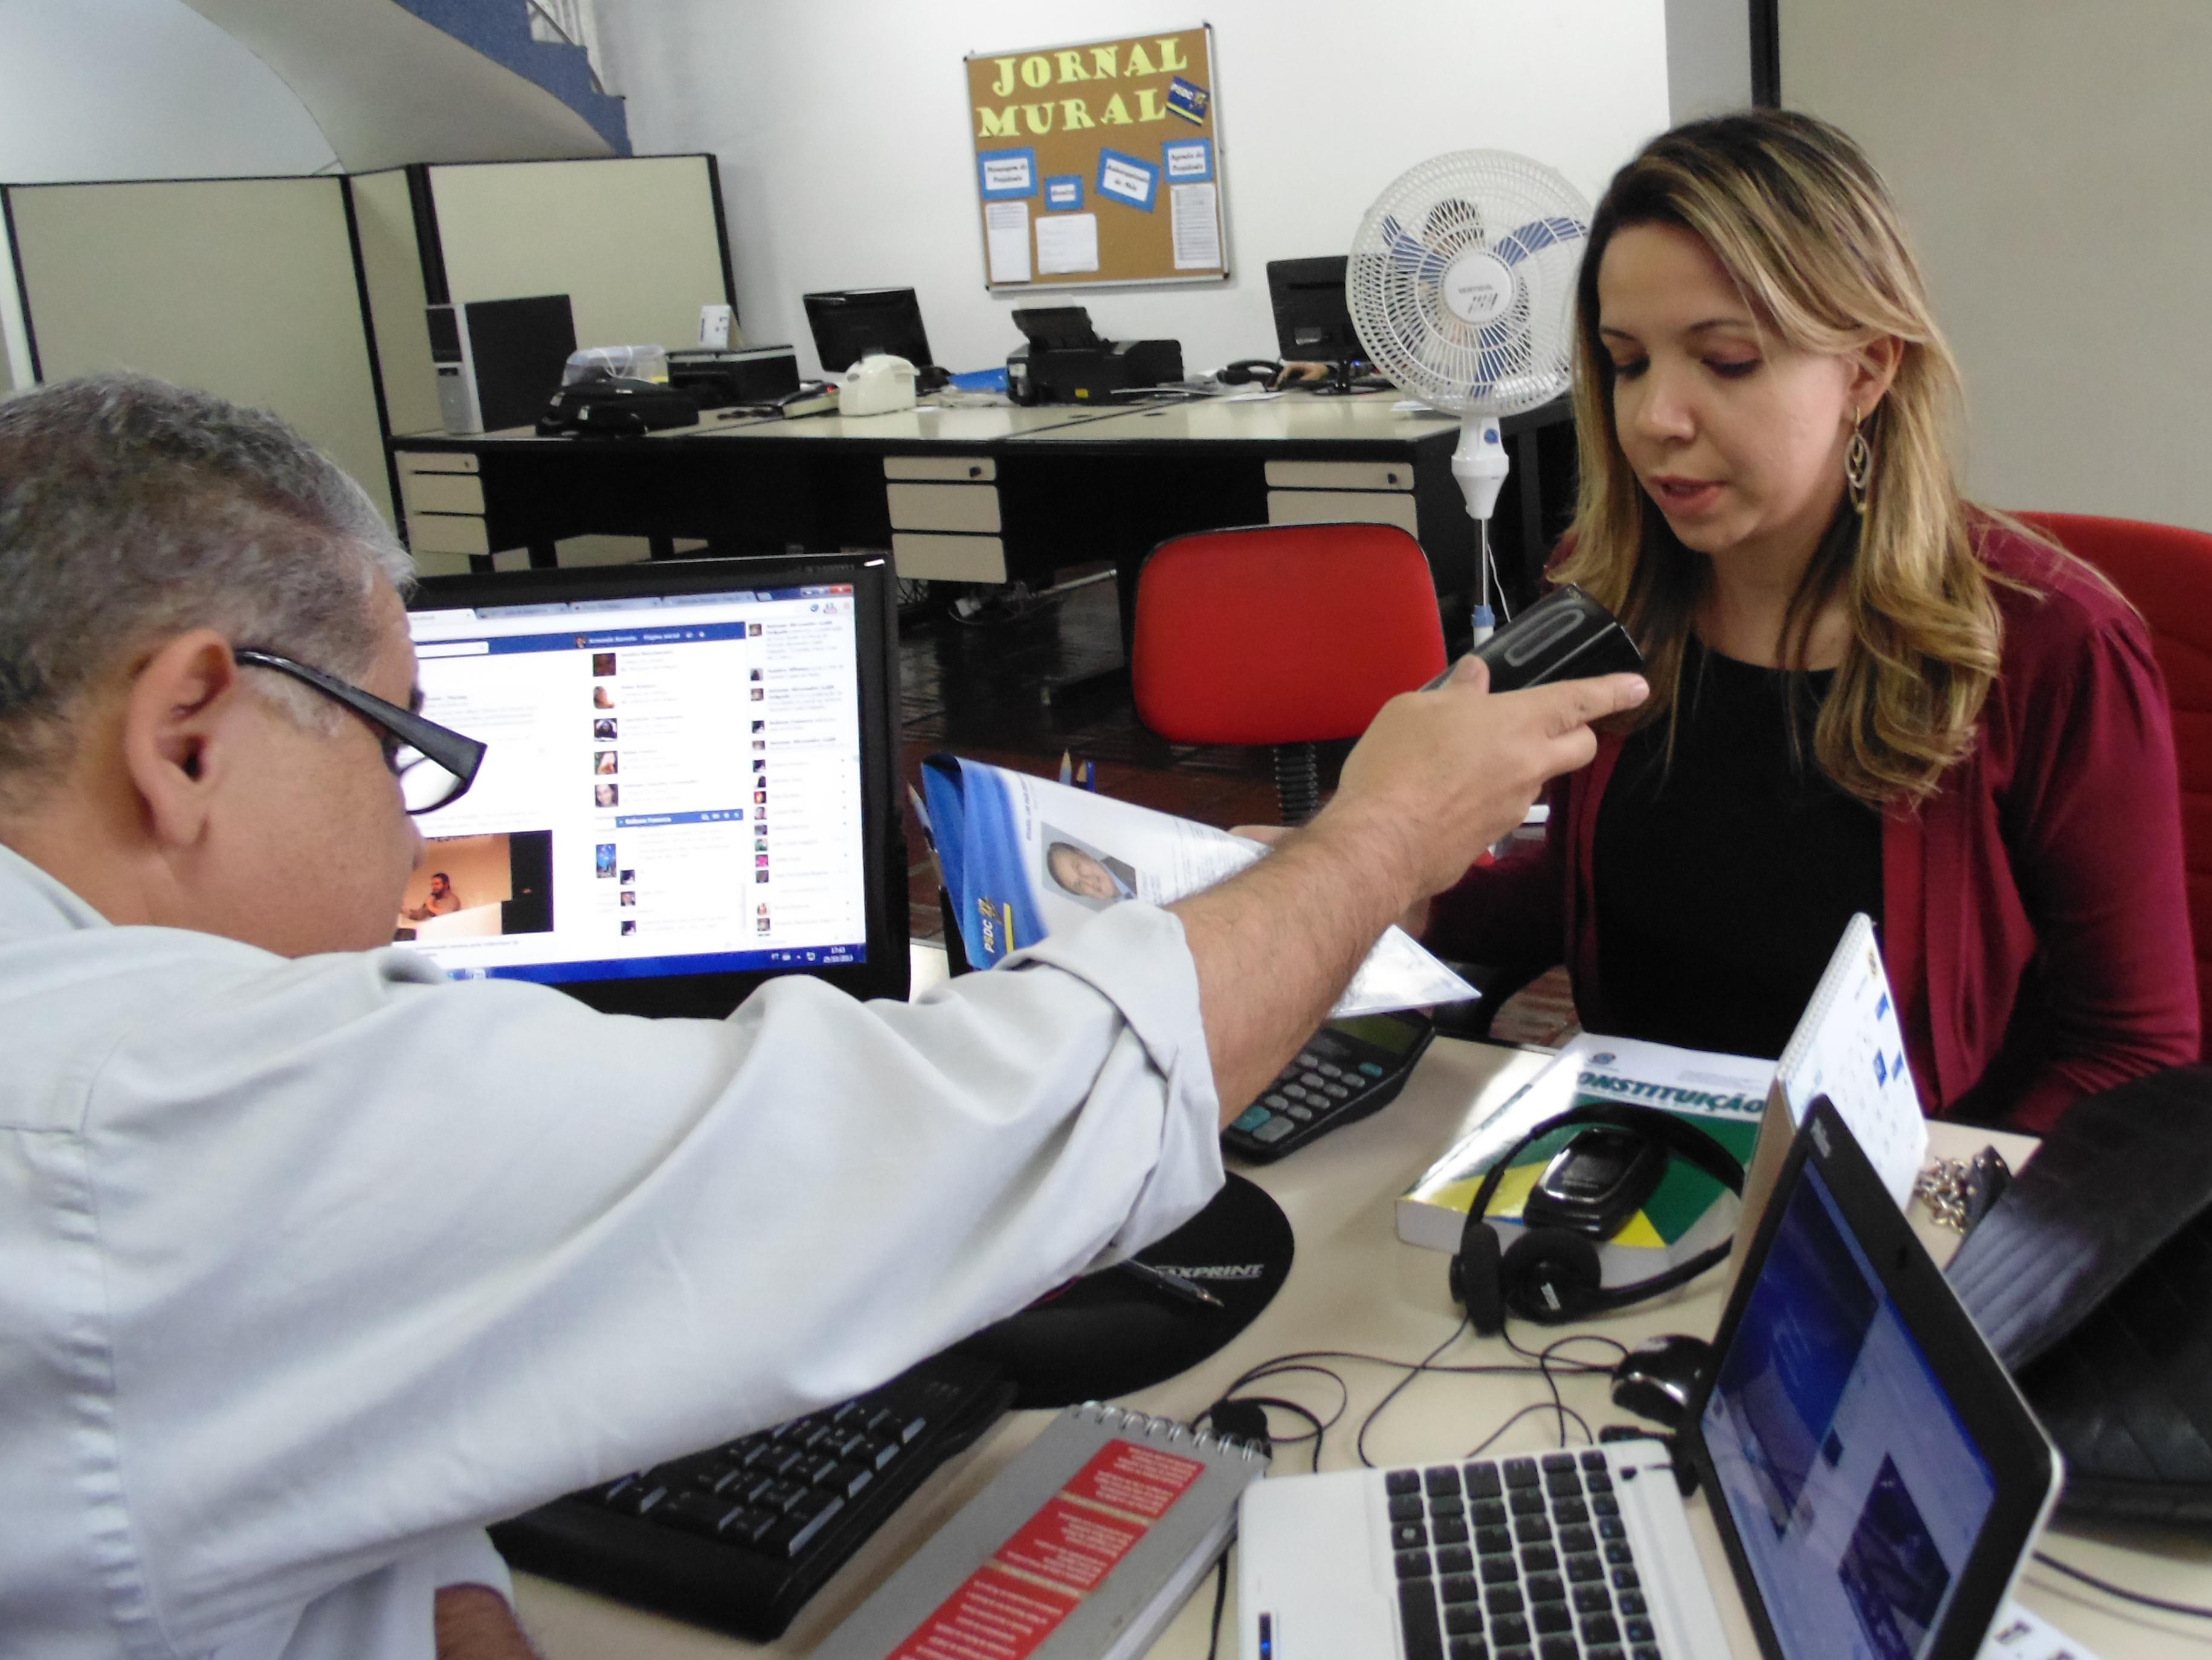 A advogada e poetisa Thais Fernanda Bizarria , nova filiada do PSDC, em entrevista na sede nacional do Partido em São Paulo. (Foto: Samuel de Oliveira)